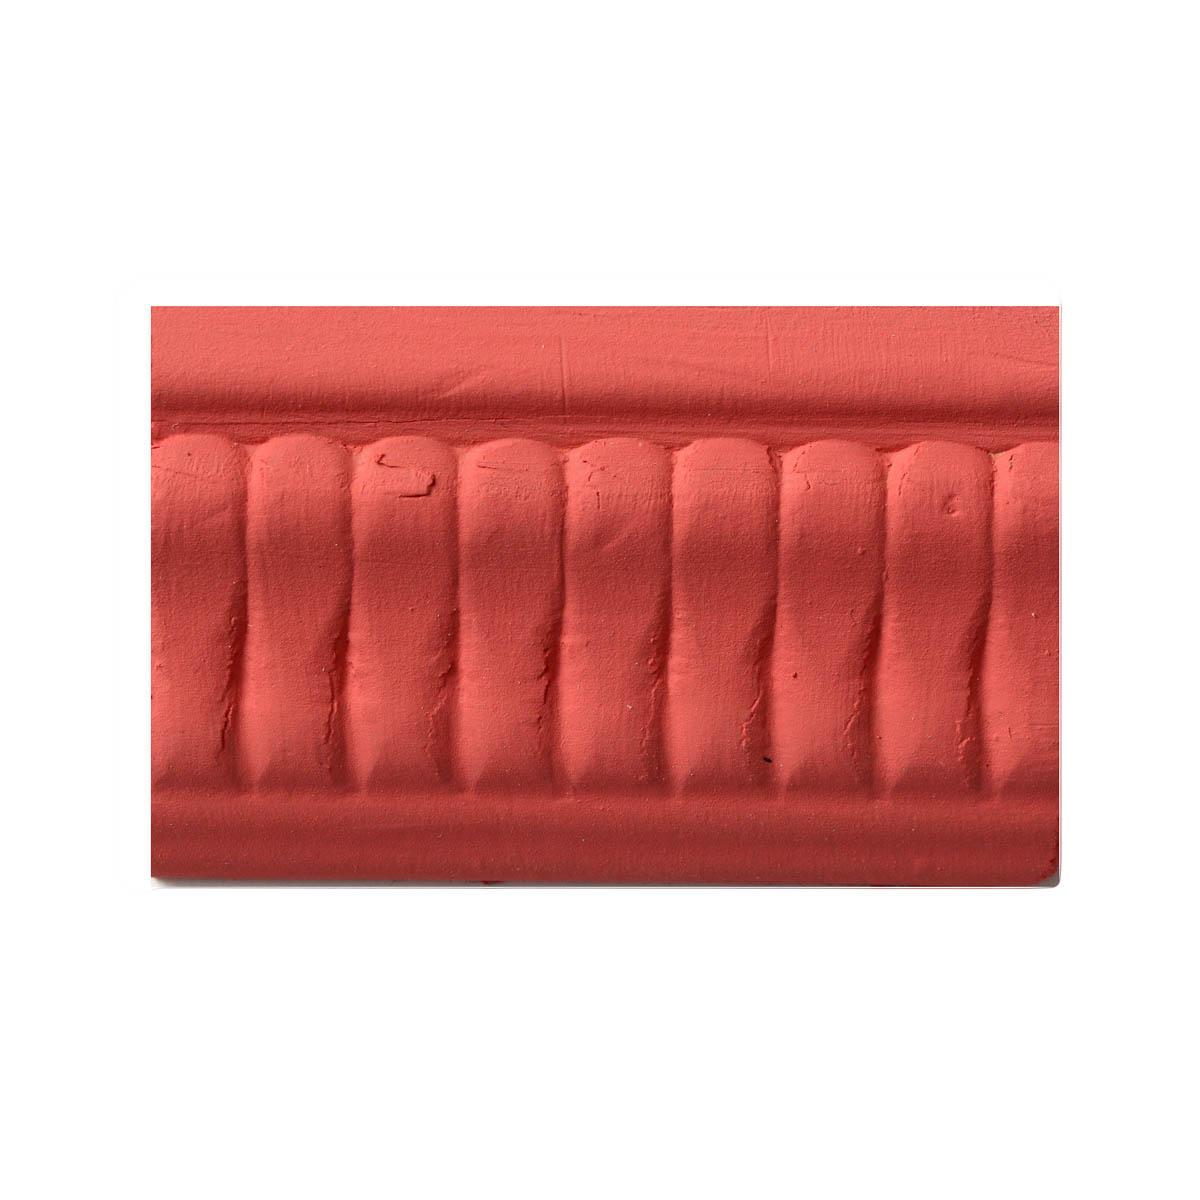 Waverly ® Inspirations Chalk Finish Acrylic Paint - Rhubarb, 2 oz. - 60741E